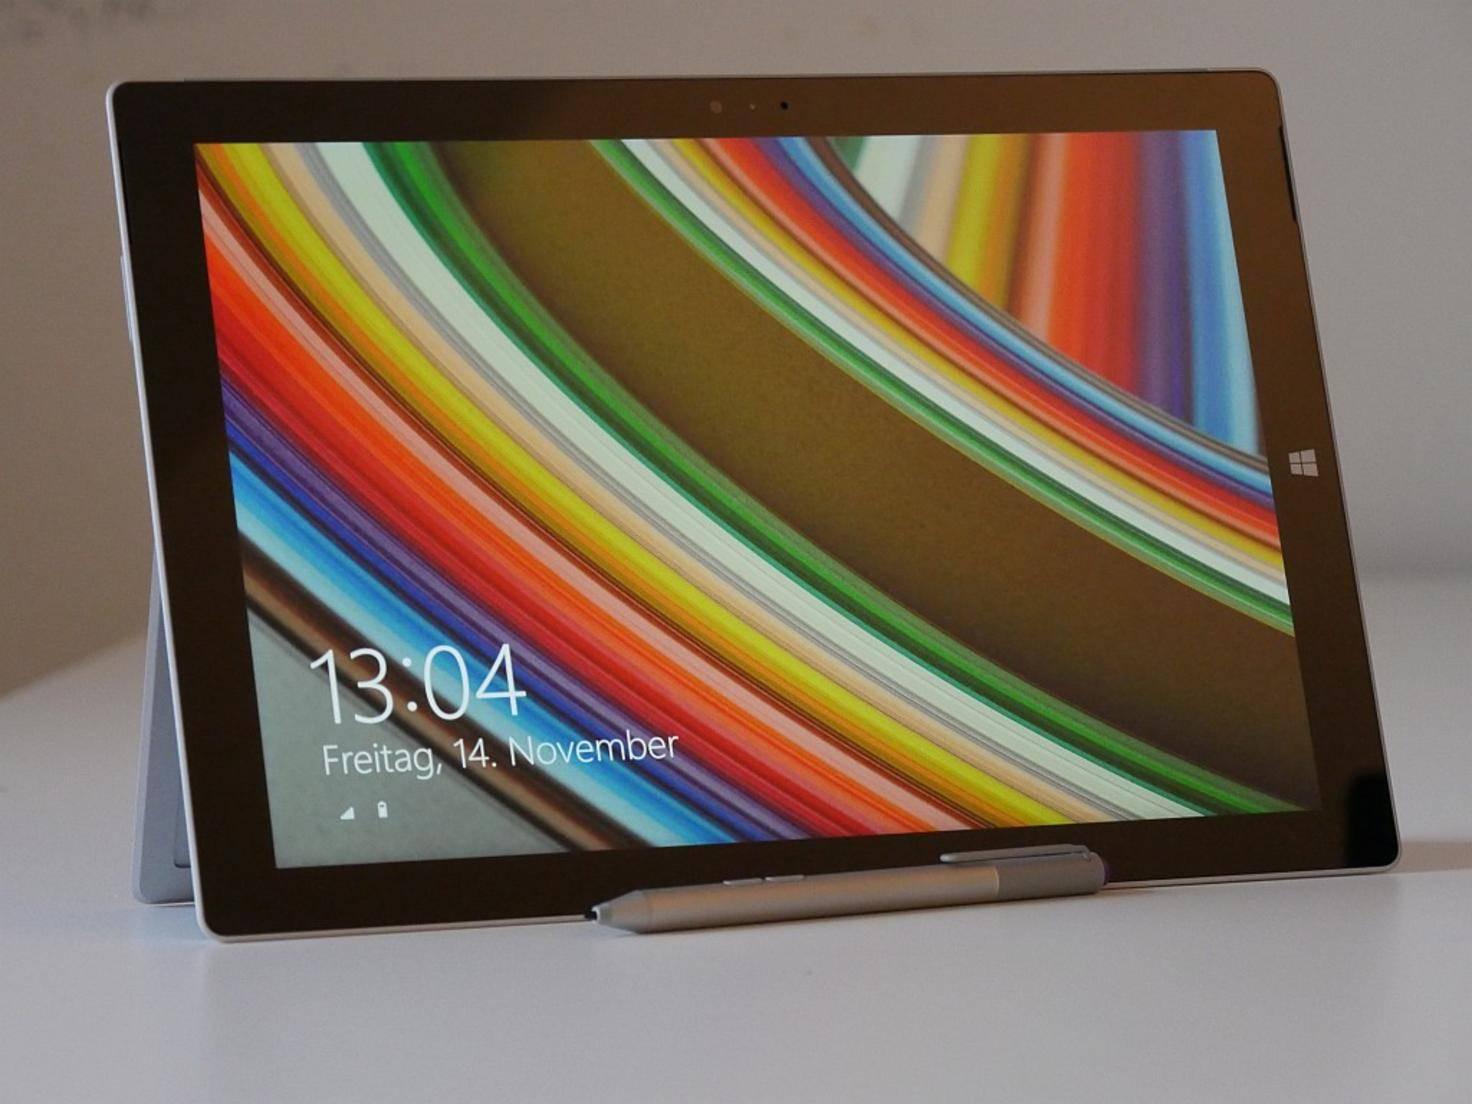 Mit 12 Zoll ist der Bildschirm des Tablets vergleichsweise groß.